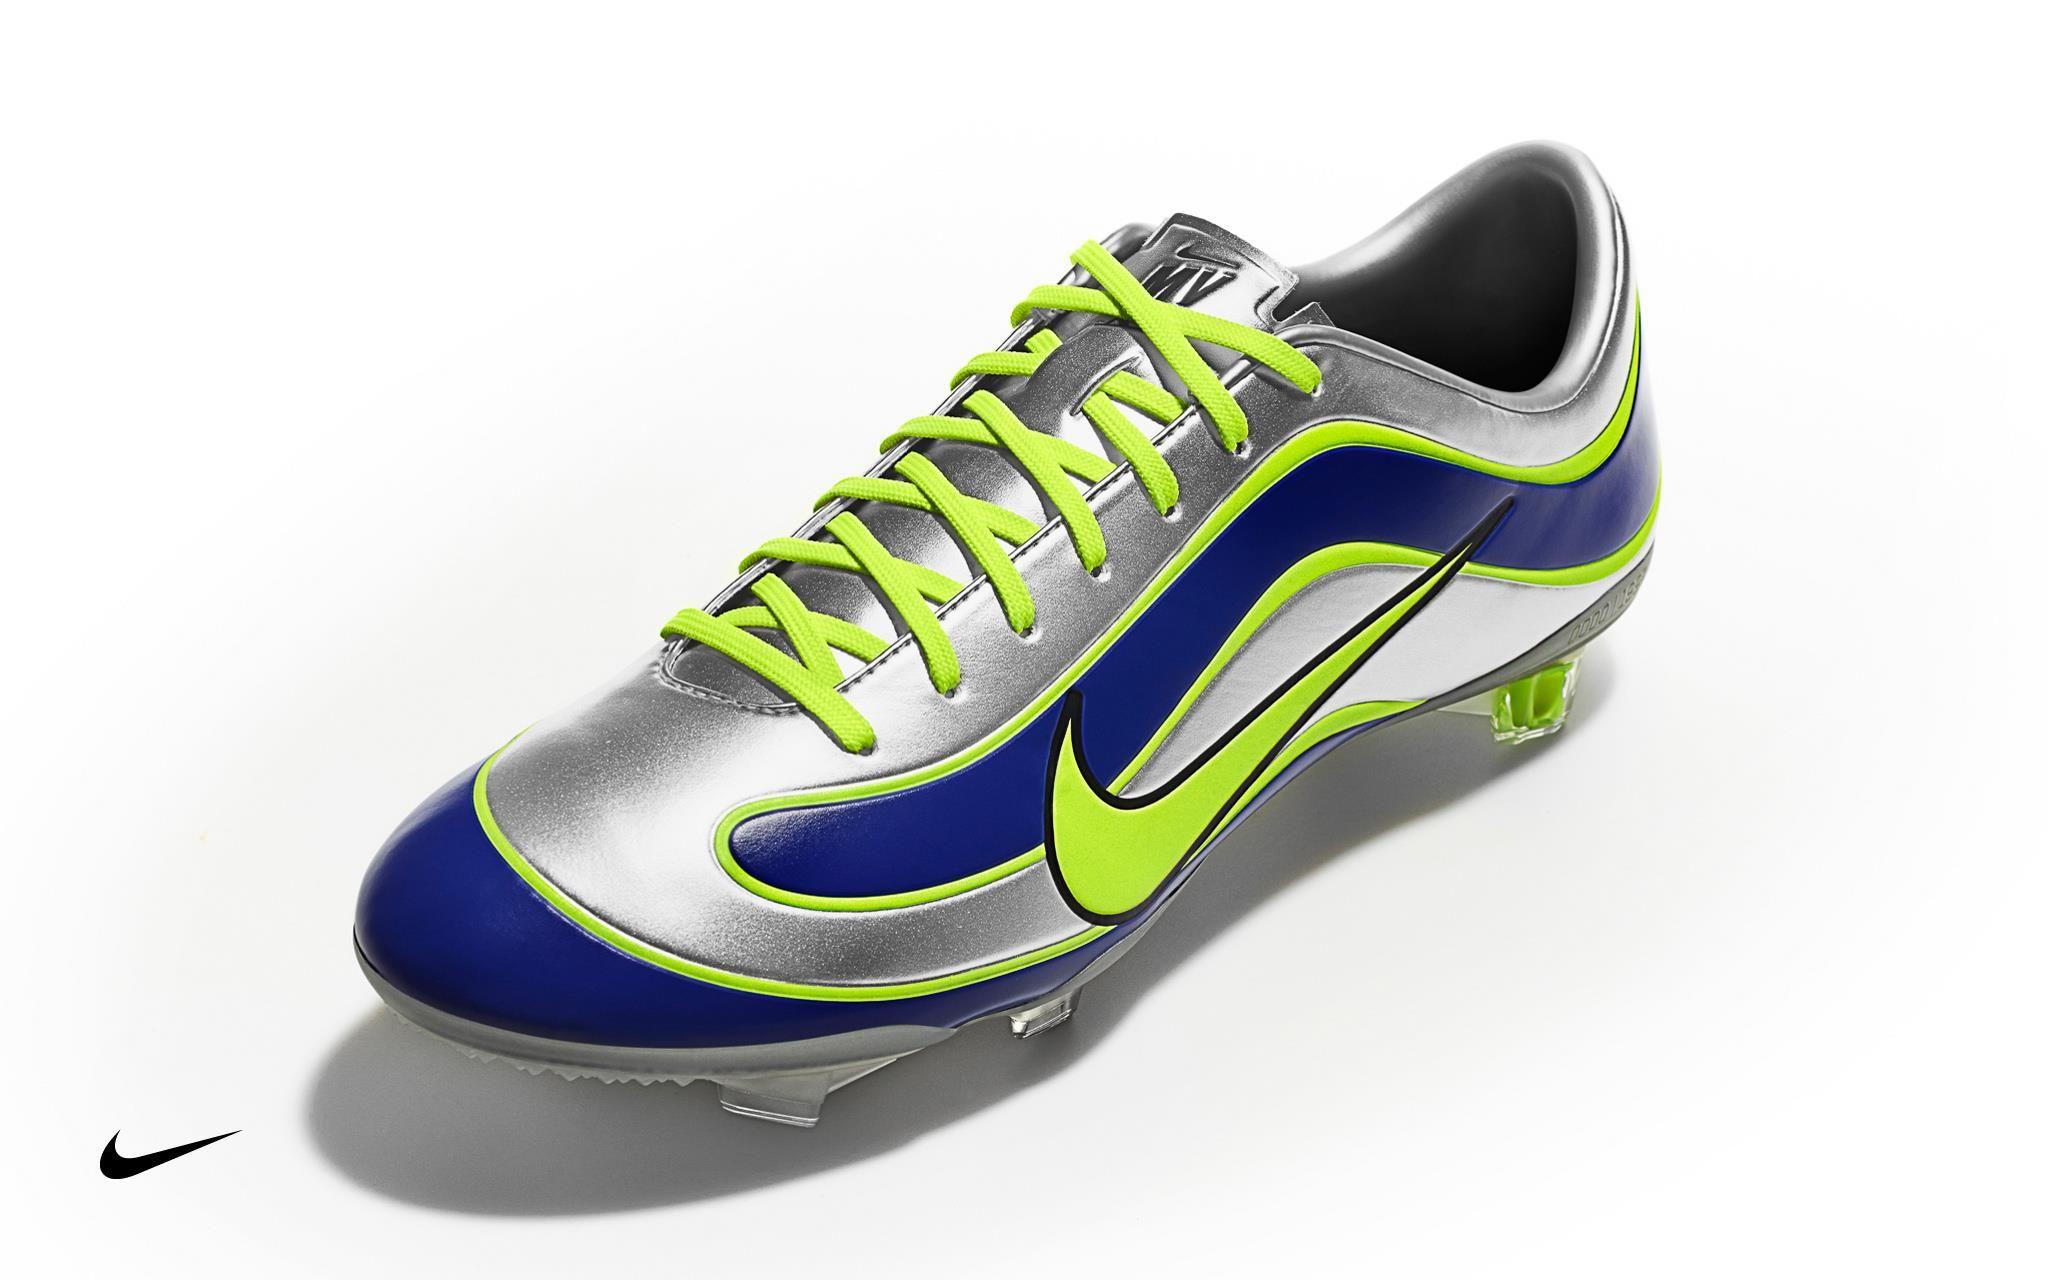 The Nike Mercurial Vapor IX Special Edition